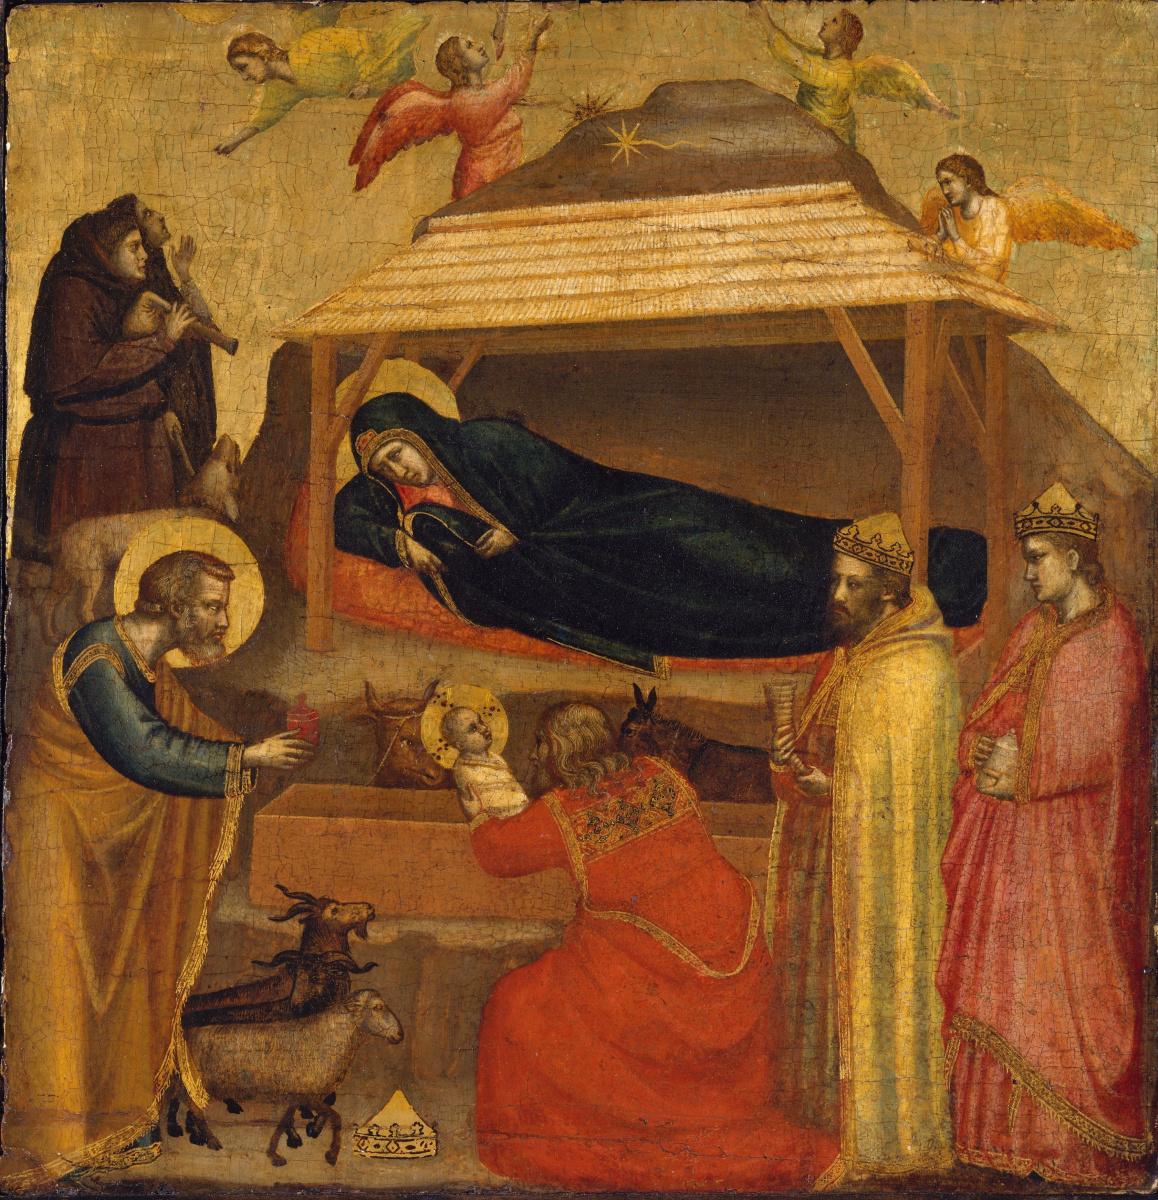 Giotto di Bondone. Adoration of the Magi